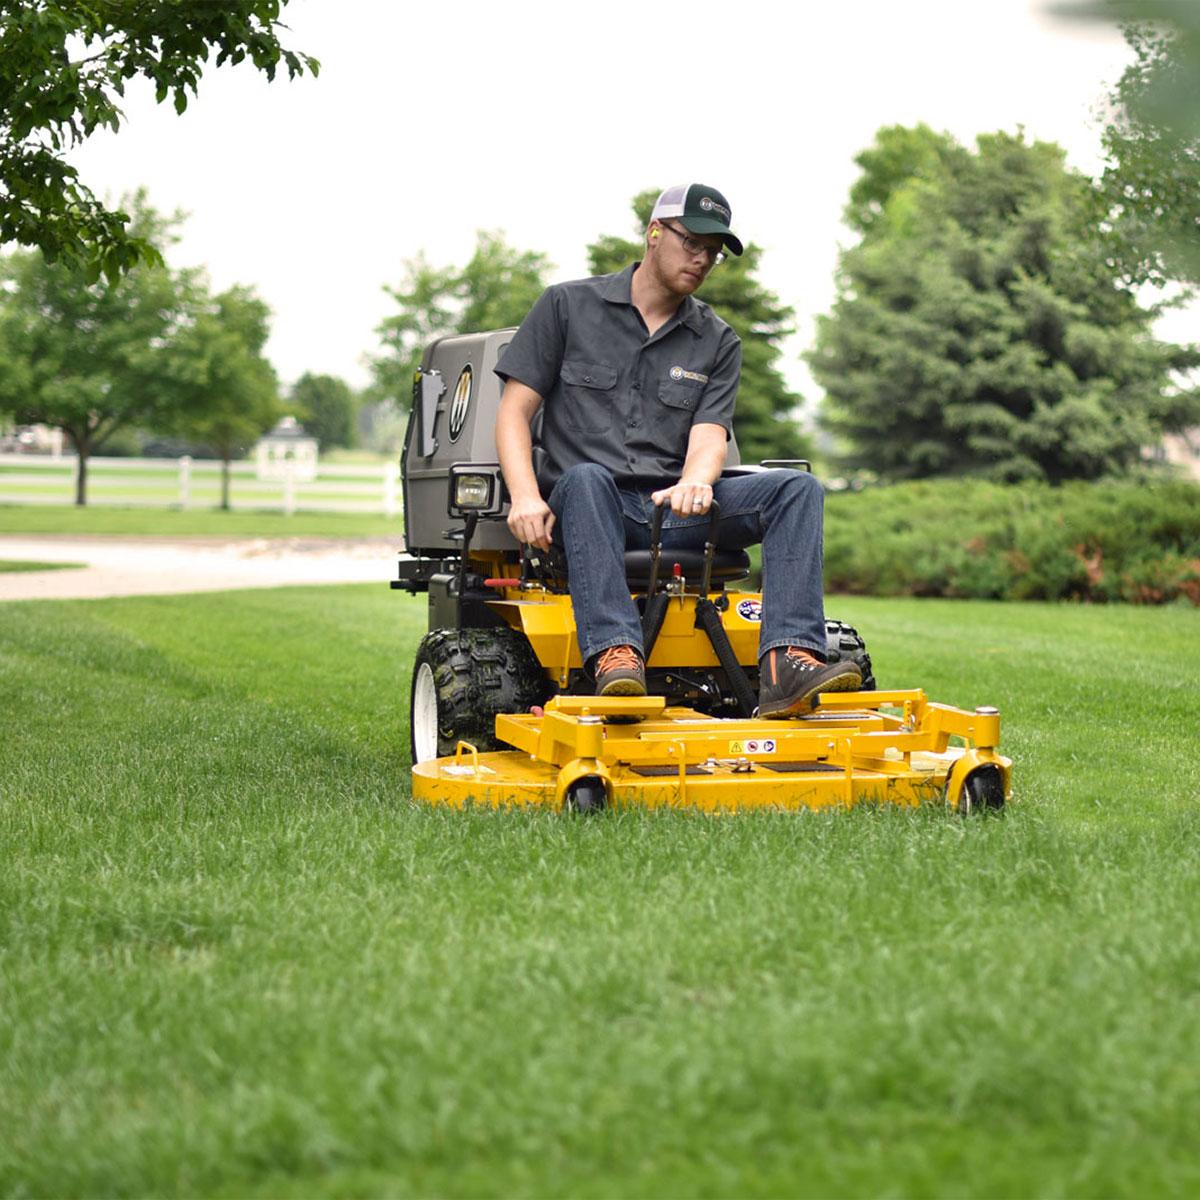 Walker Mower MC19 mowing landscape